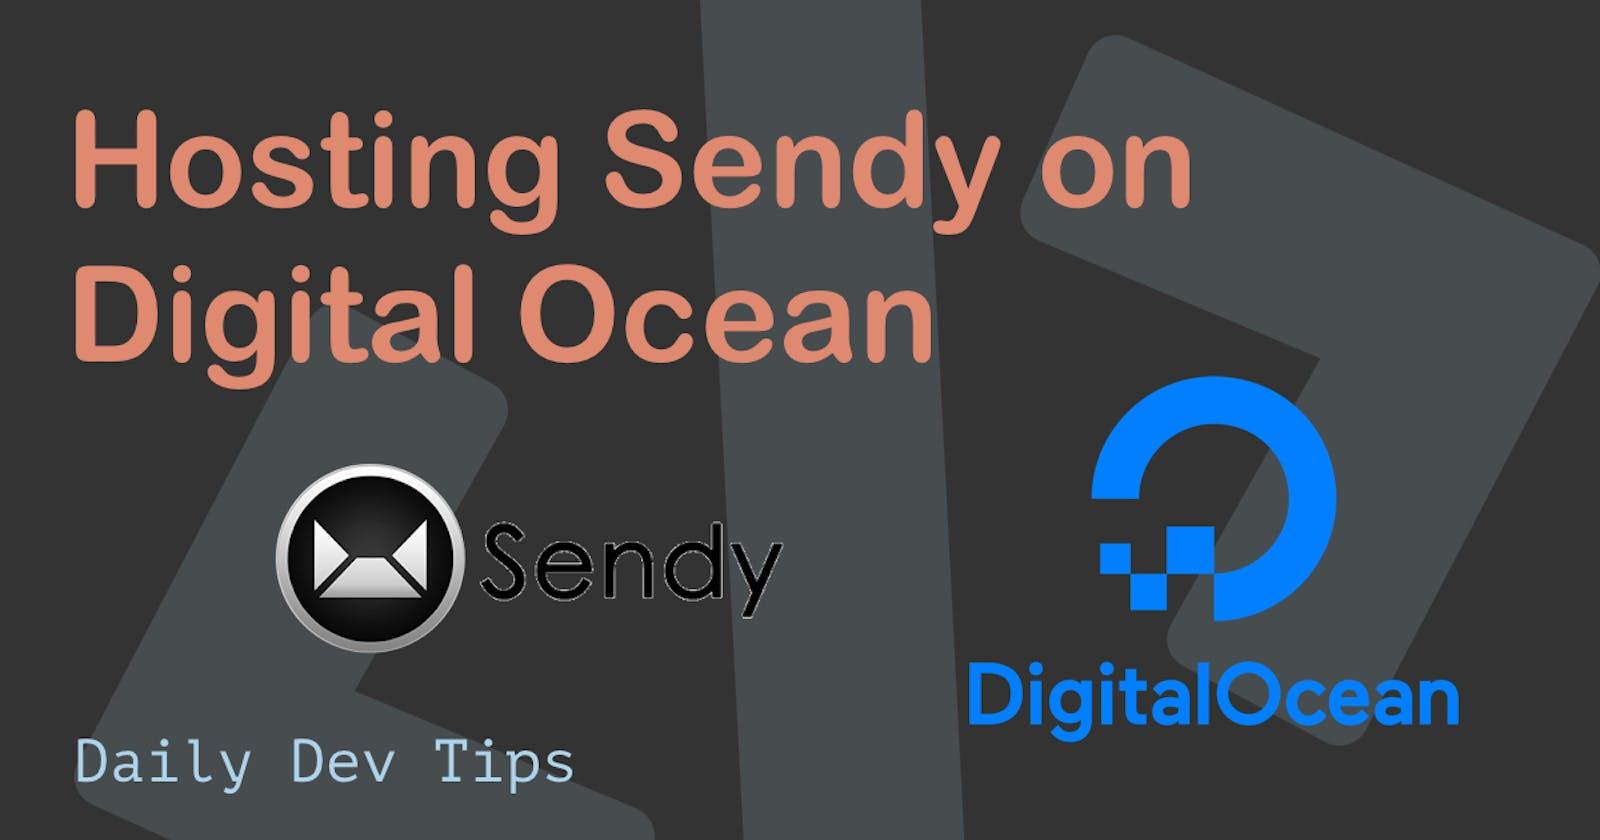 Hosting Sendy on Digital Ocean